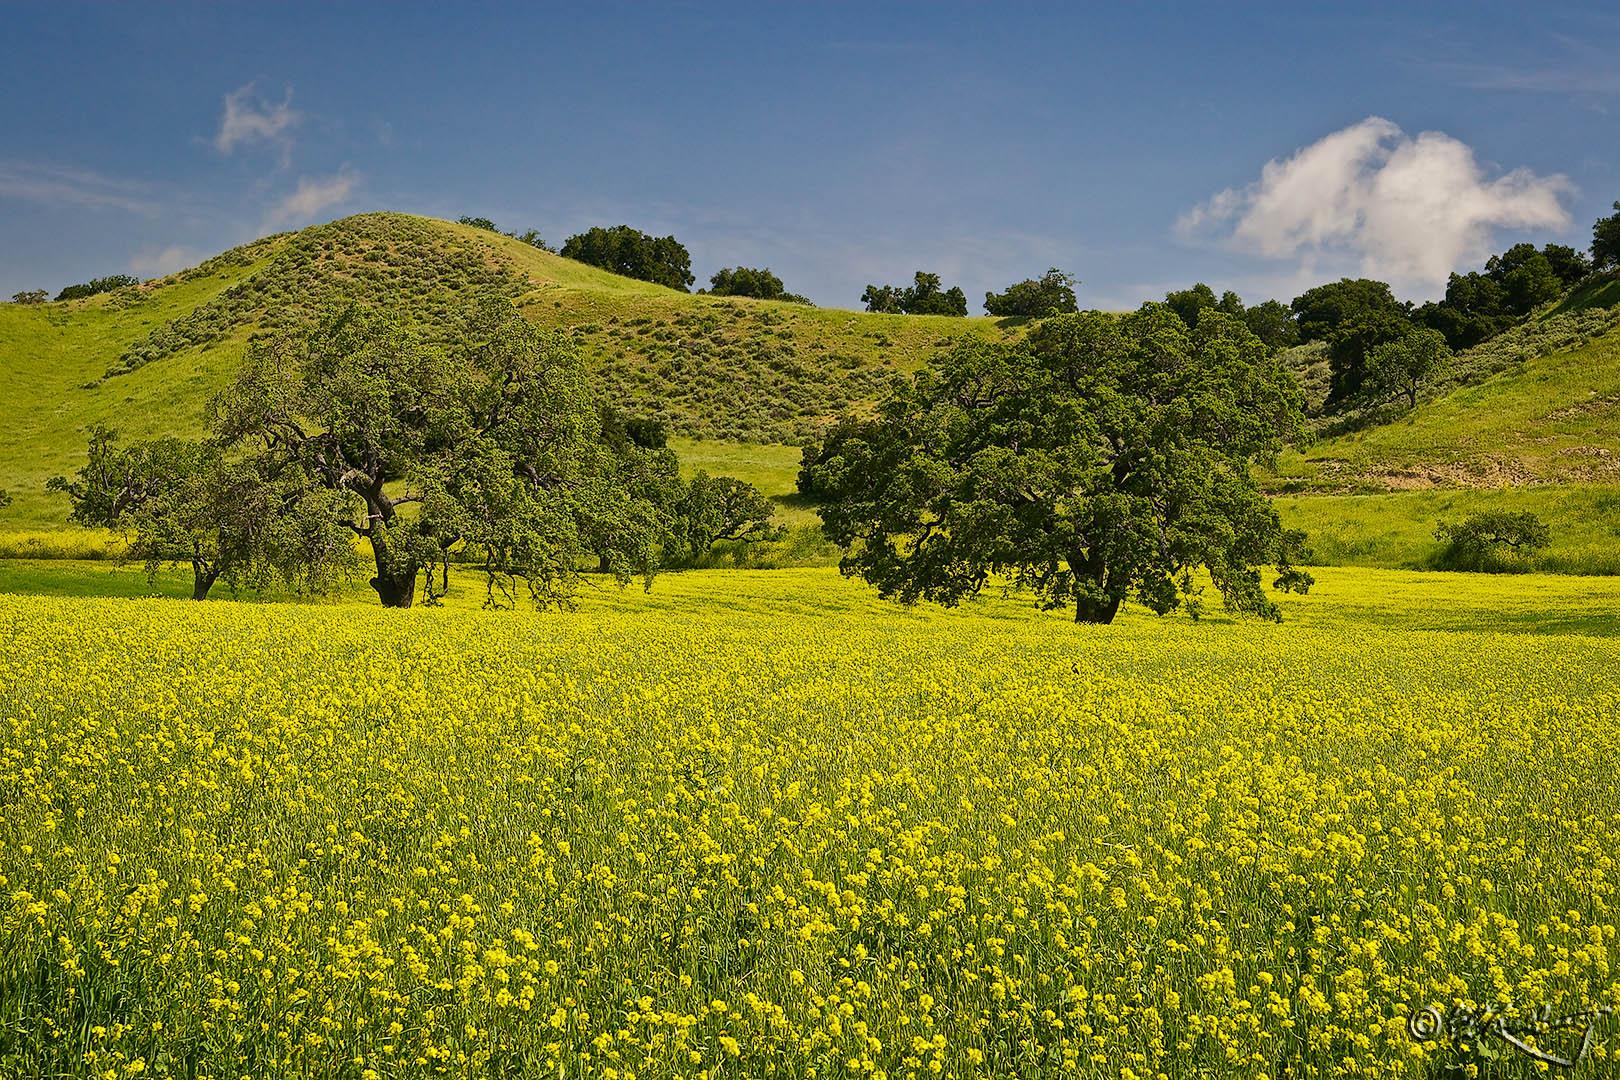 Mustard_Field-c44